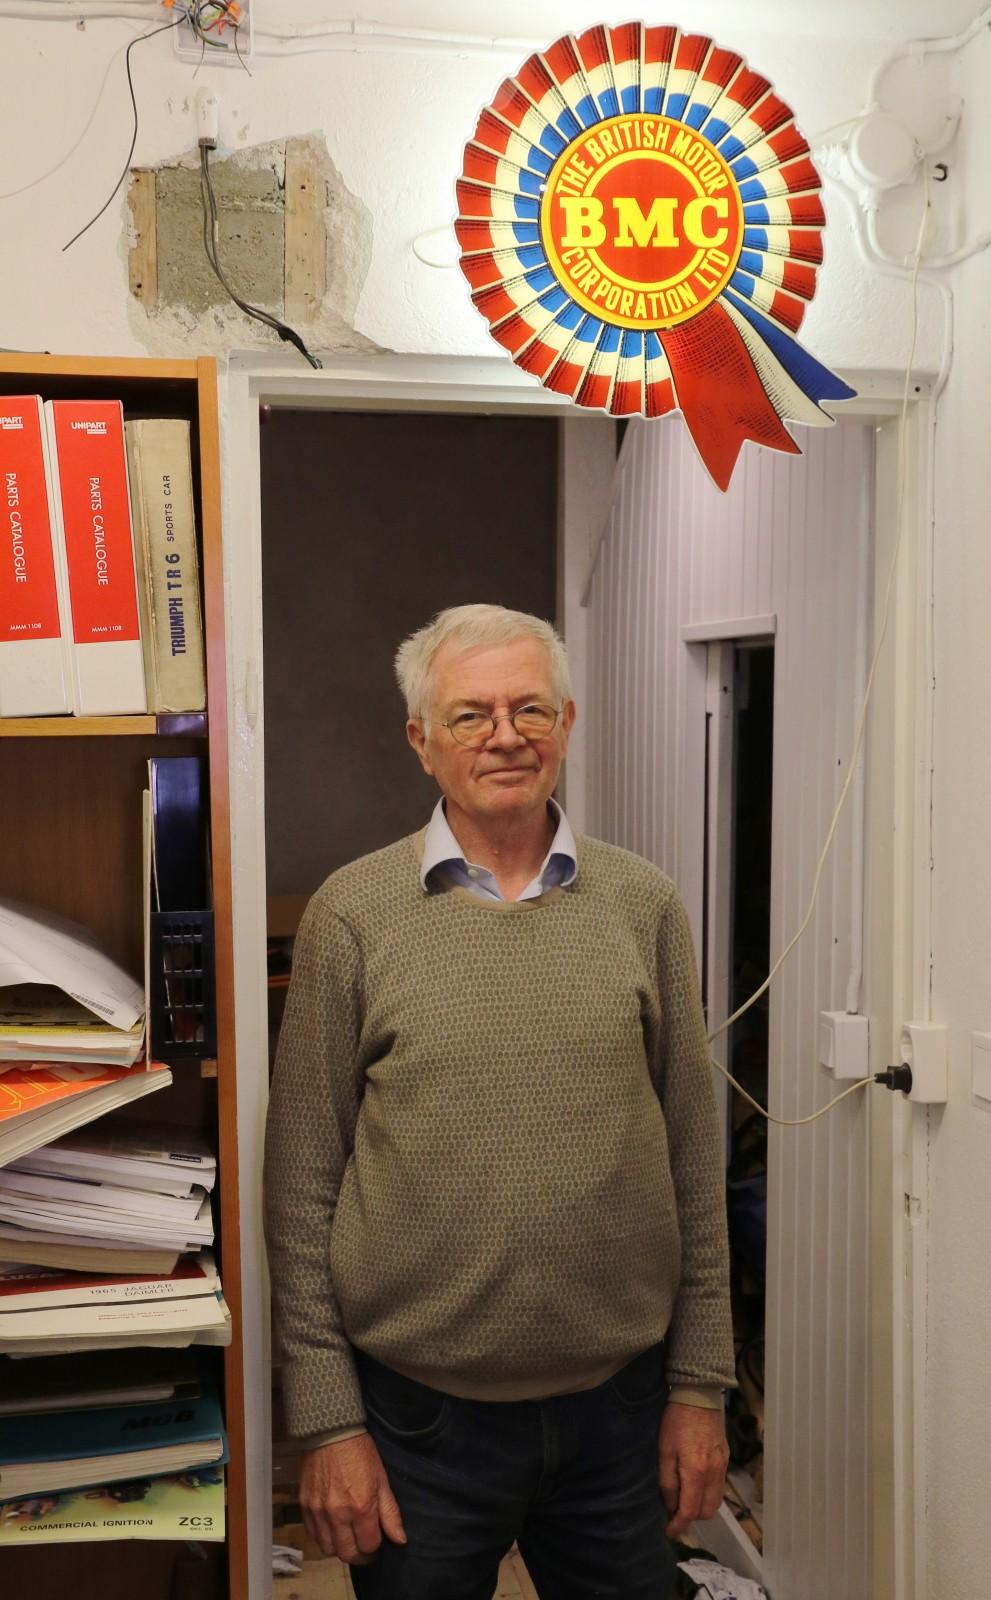 Efter årsskiftet går Thomas Brandt i pension - men skylten tar han inte ner! Just nu pågår utförsäljning av kvarvarande delar med upp till 50 procents rabatt!